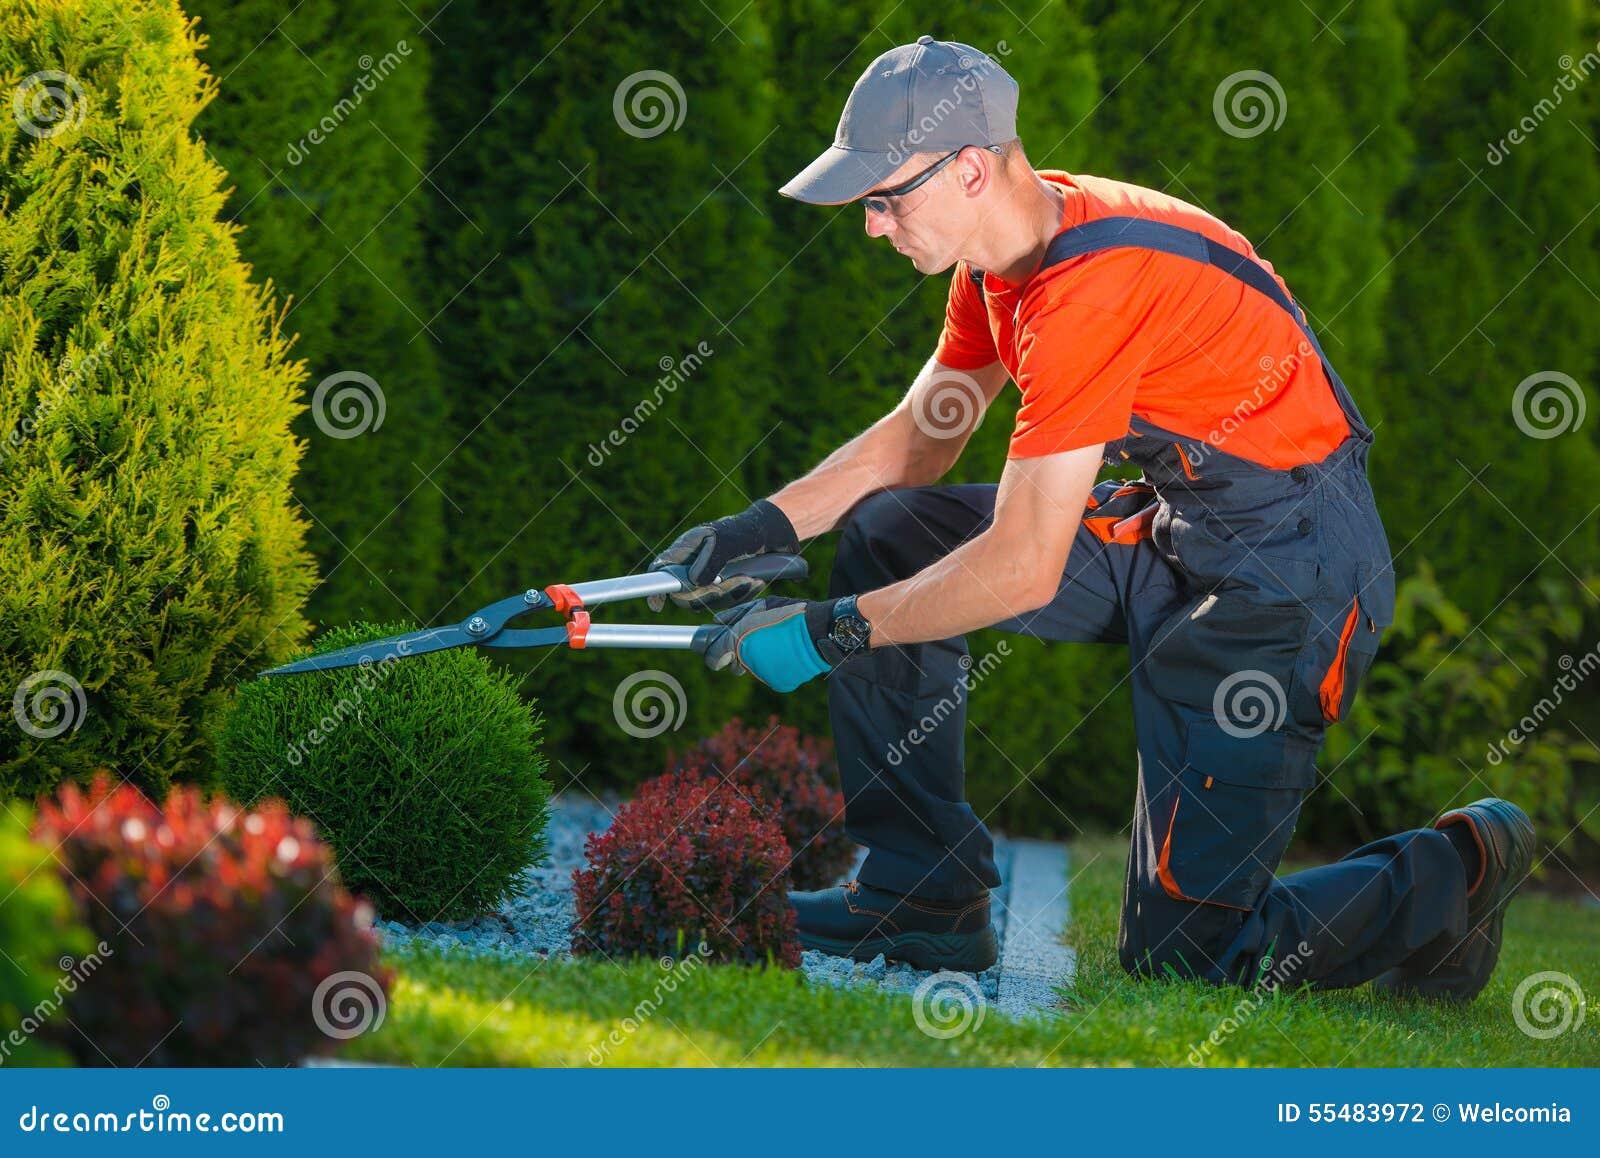 Jardinero profesional en el trabajo foto de archivo for Trabajo jardinero